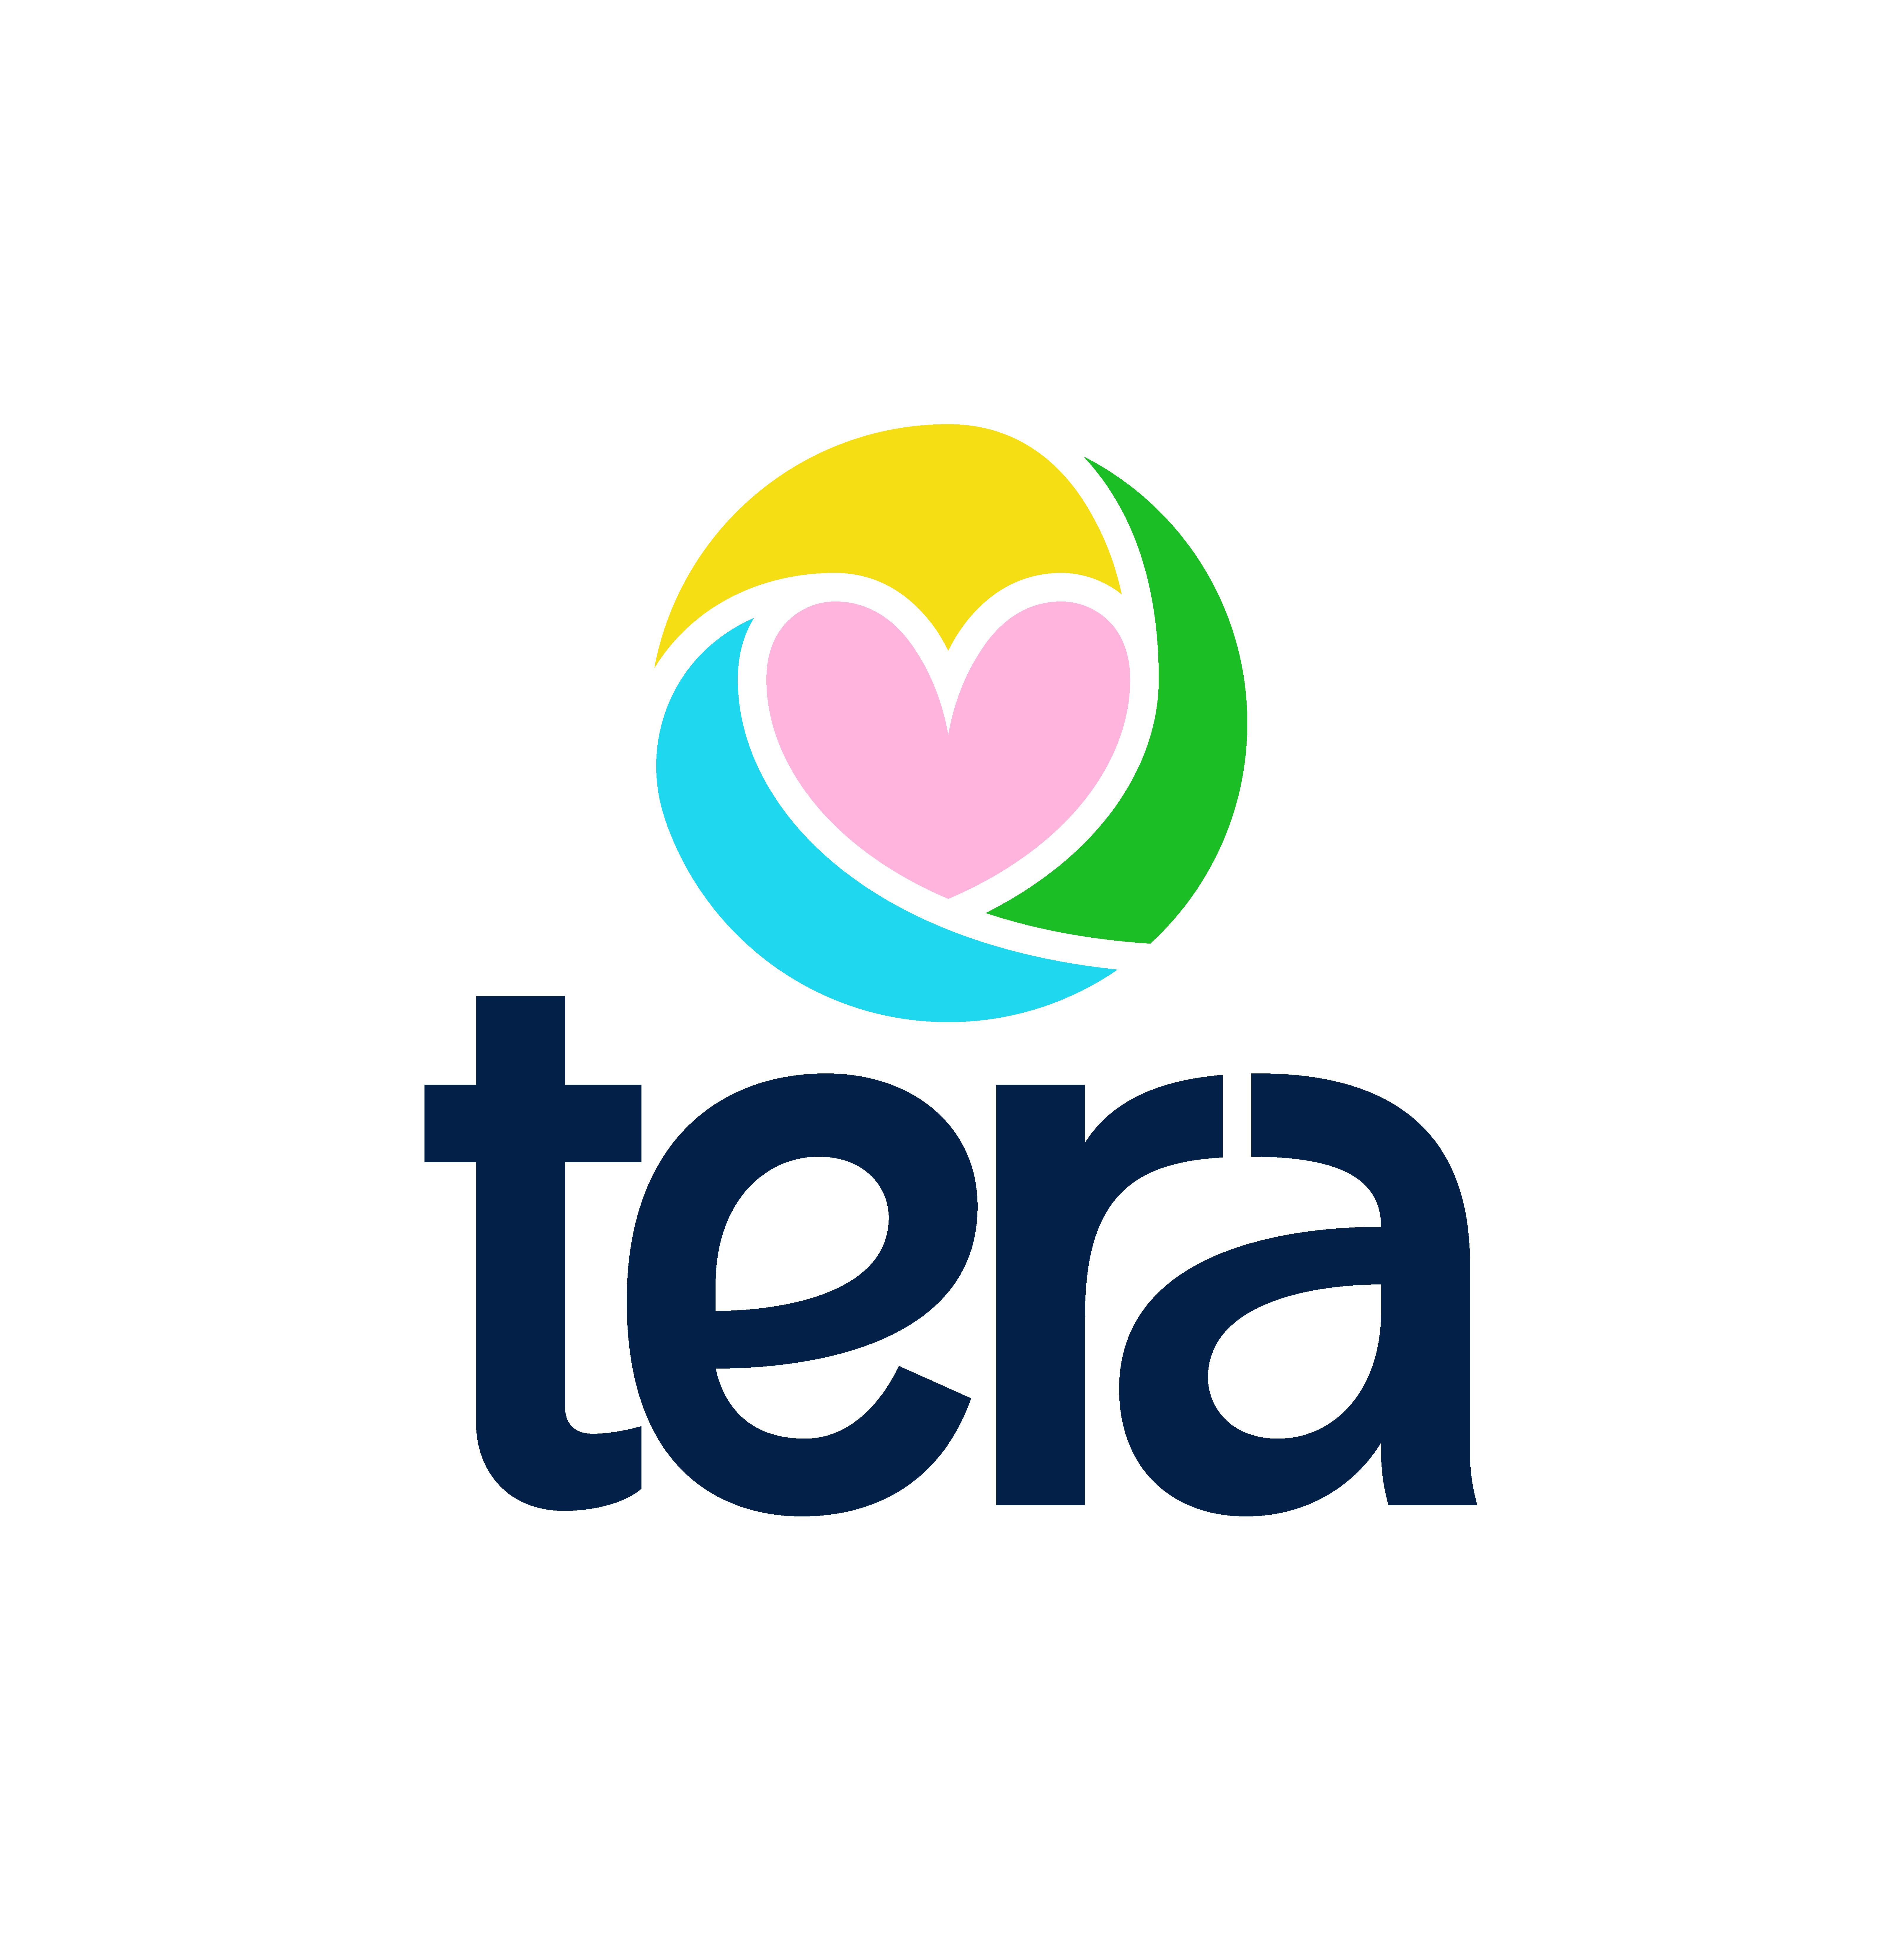 Tera Shopping Coach